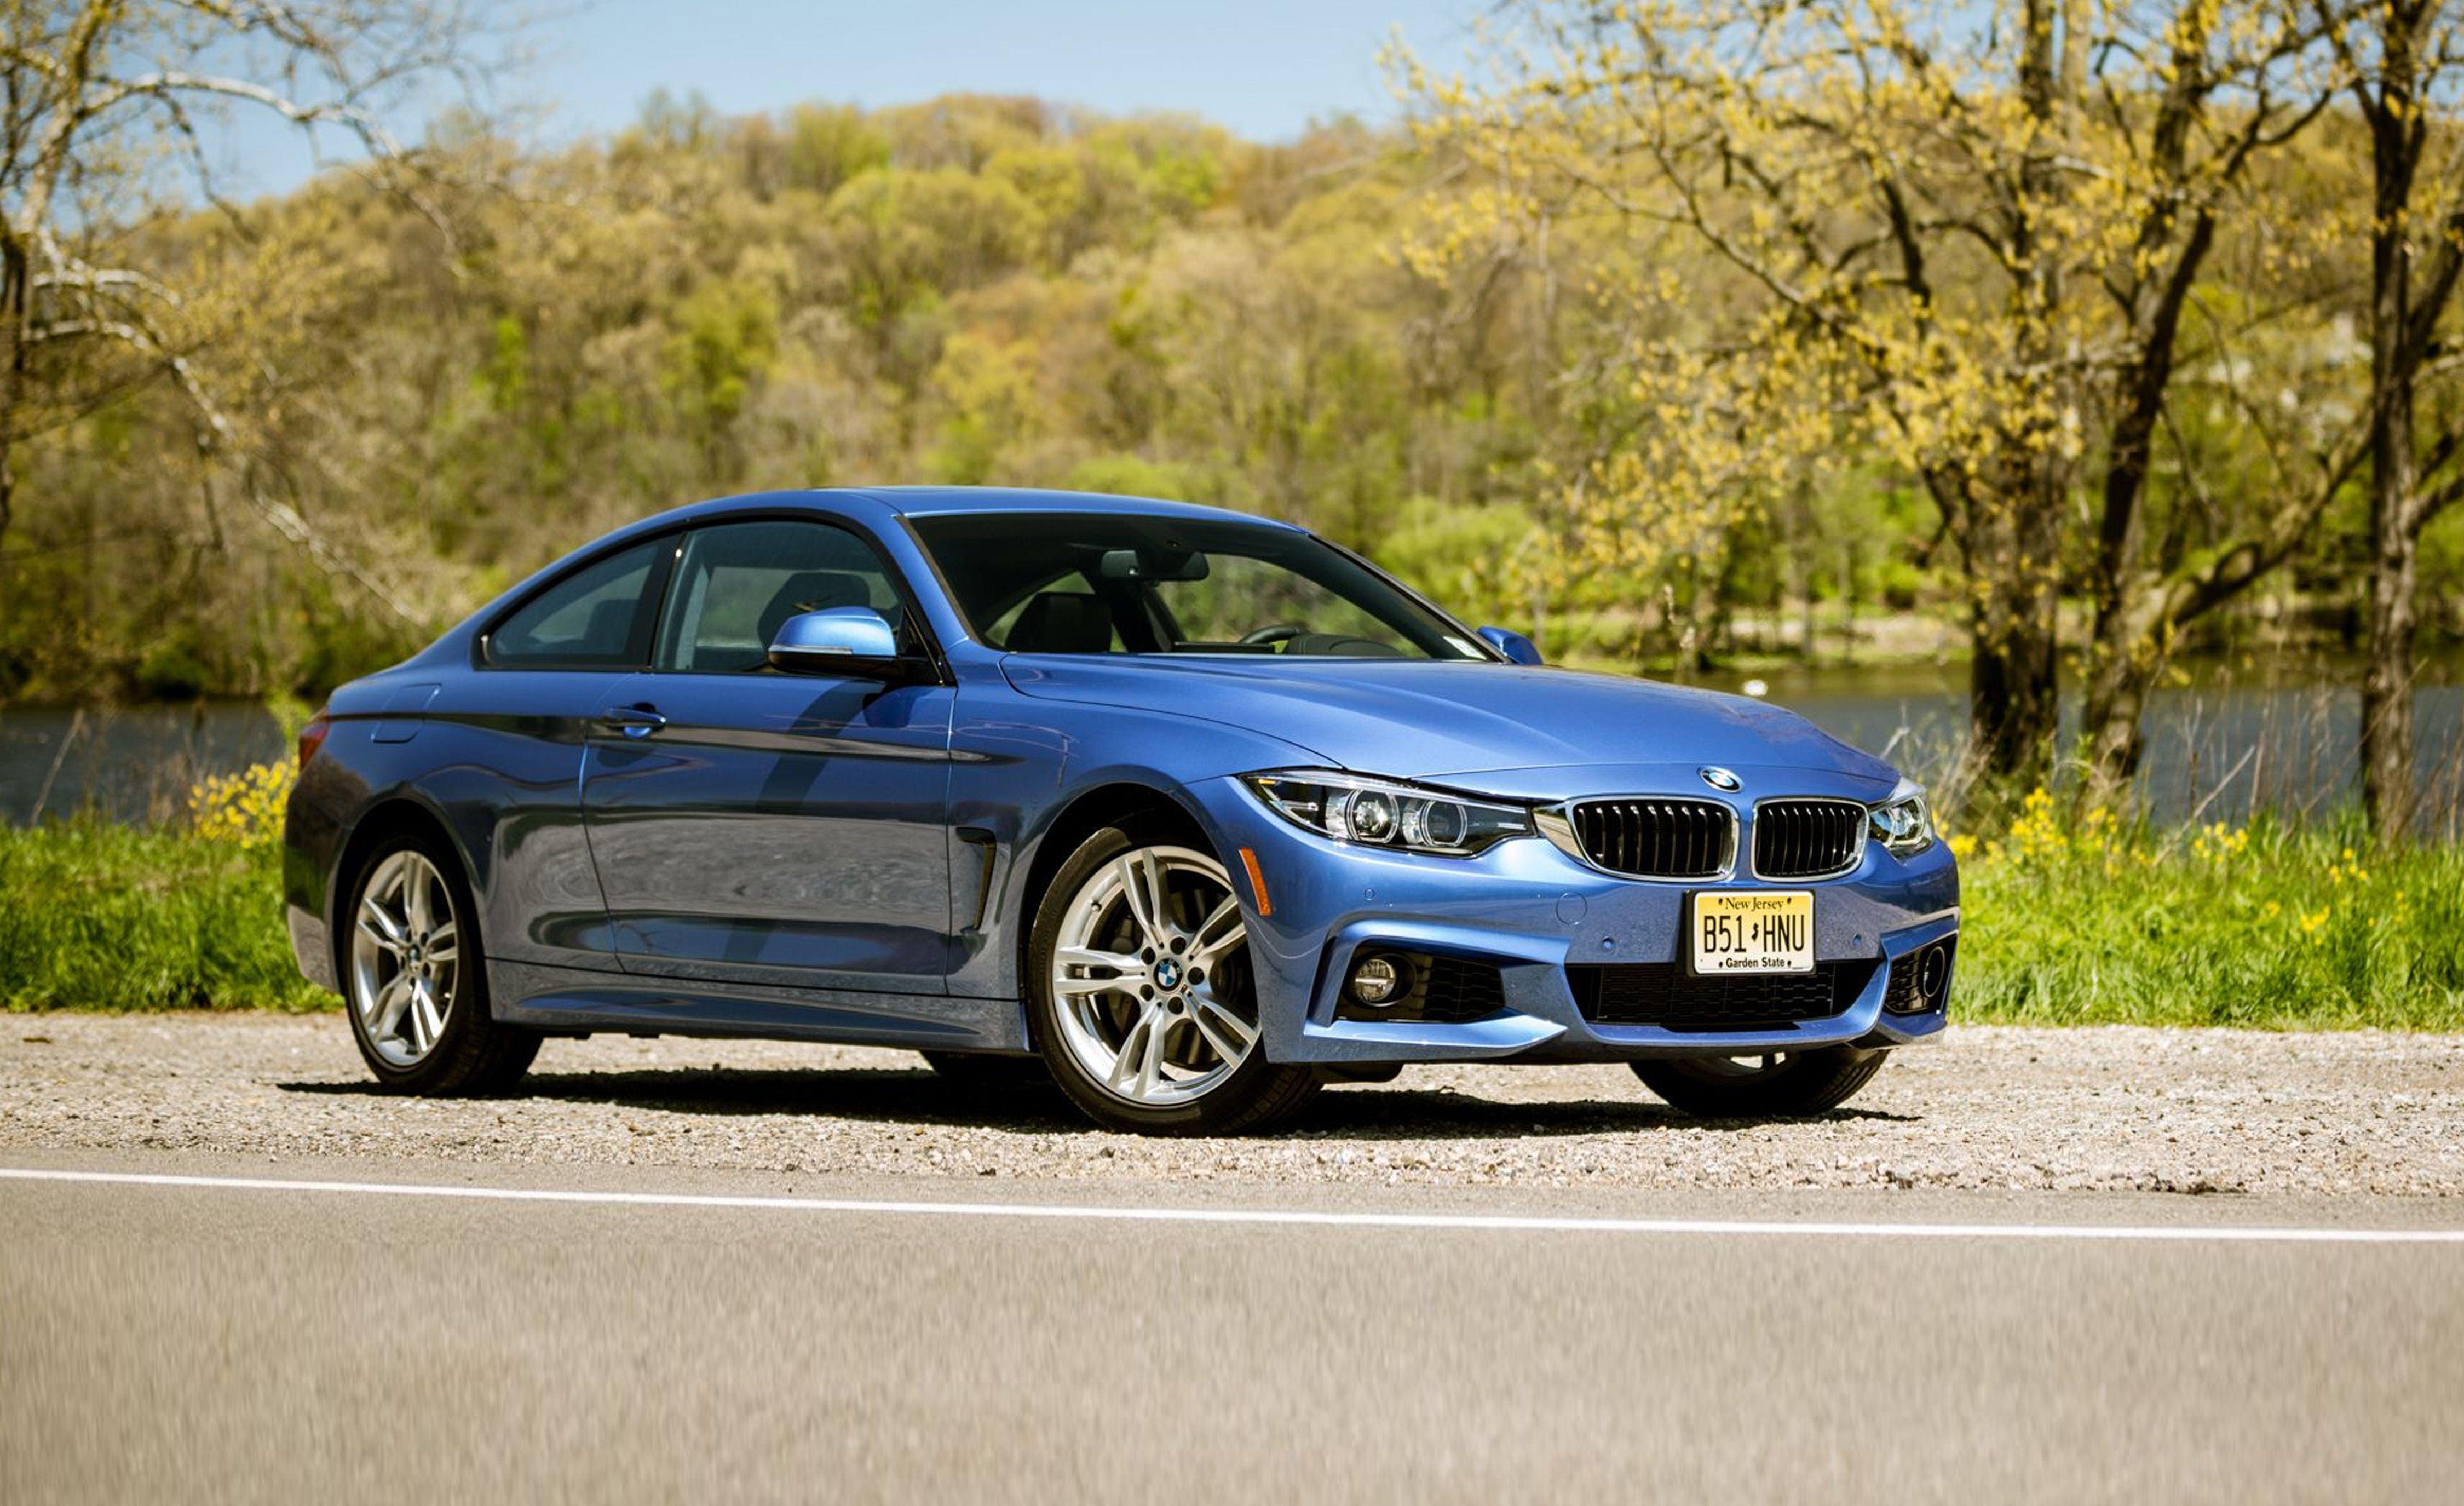 2021 BMW 4-series Reviews | BMW 4-series Price, Photos ...